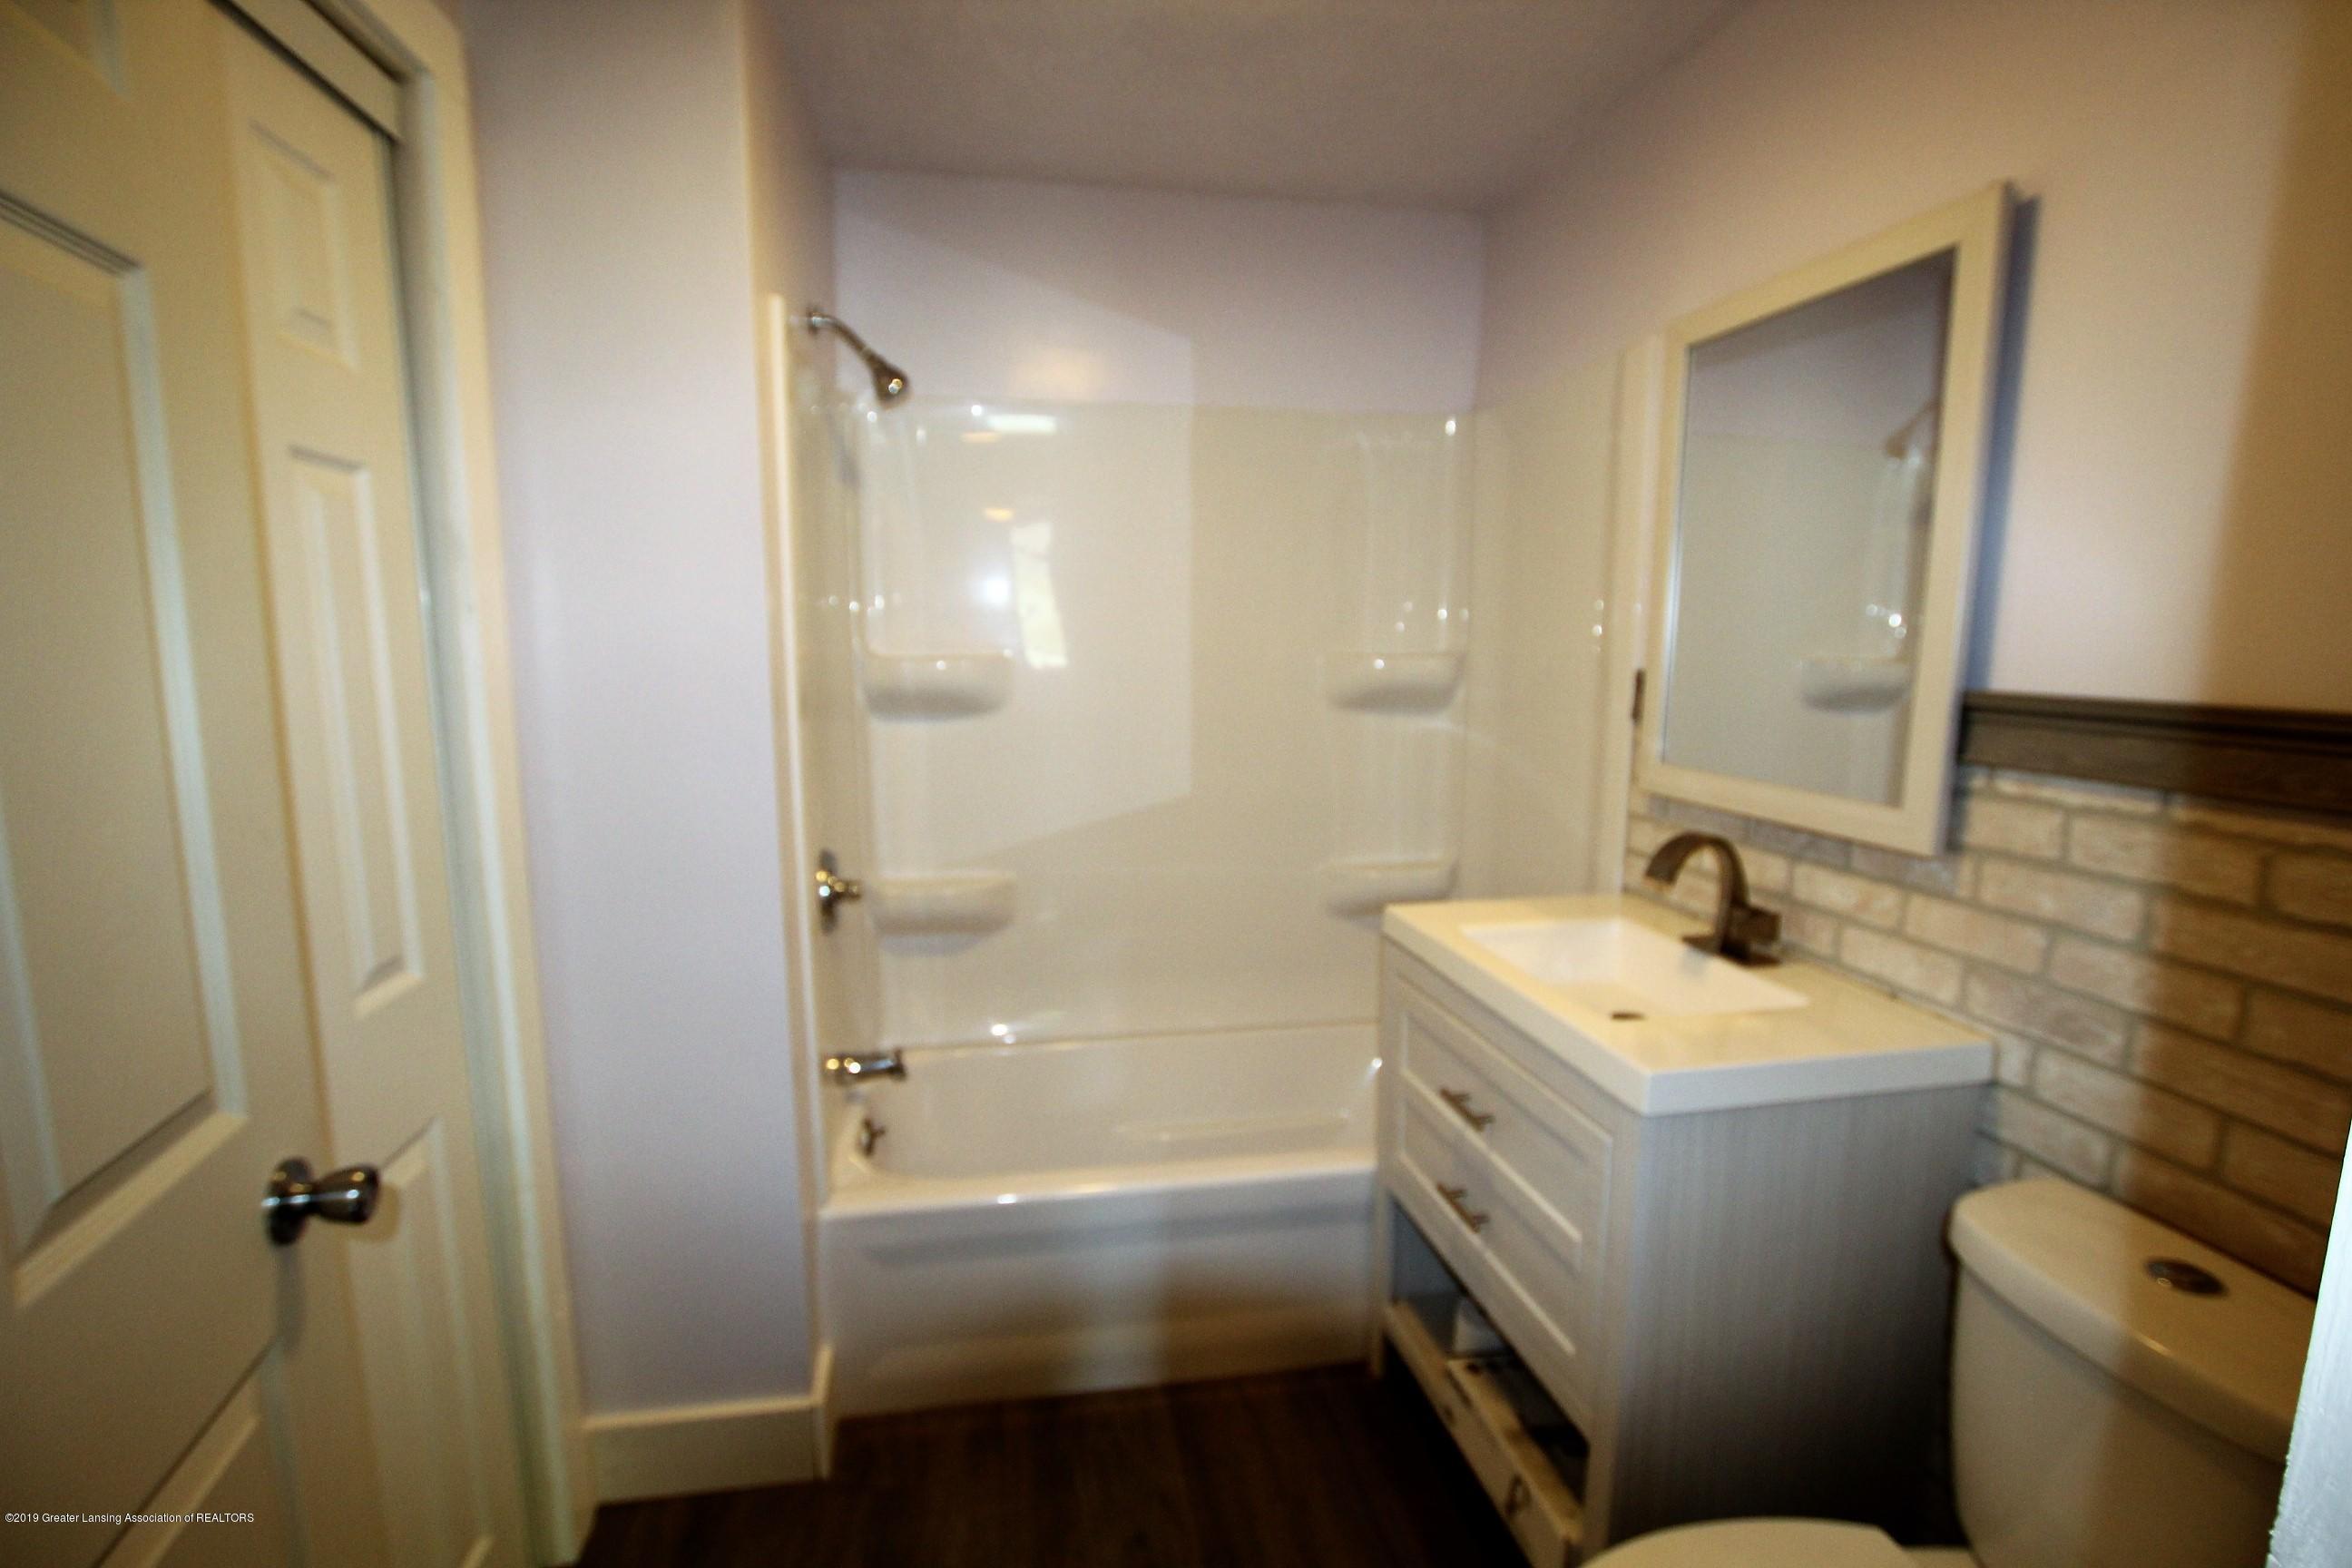 120 Astor Ave - Bathroom - 14